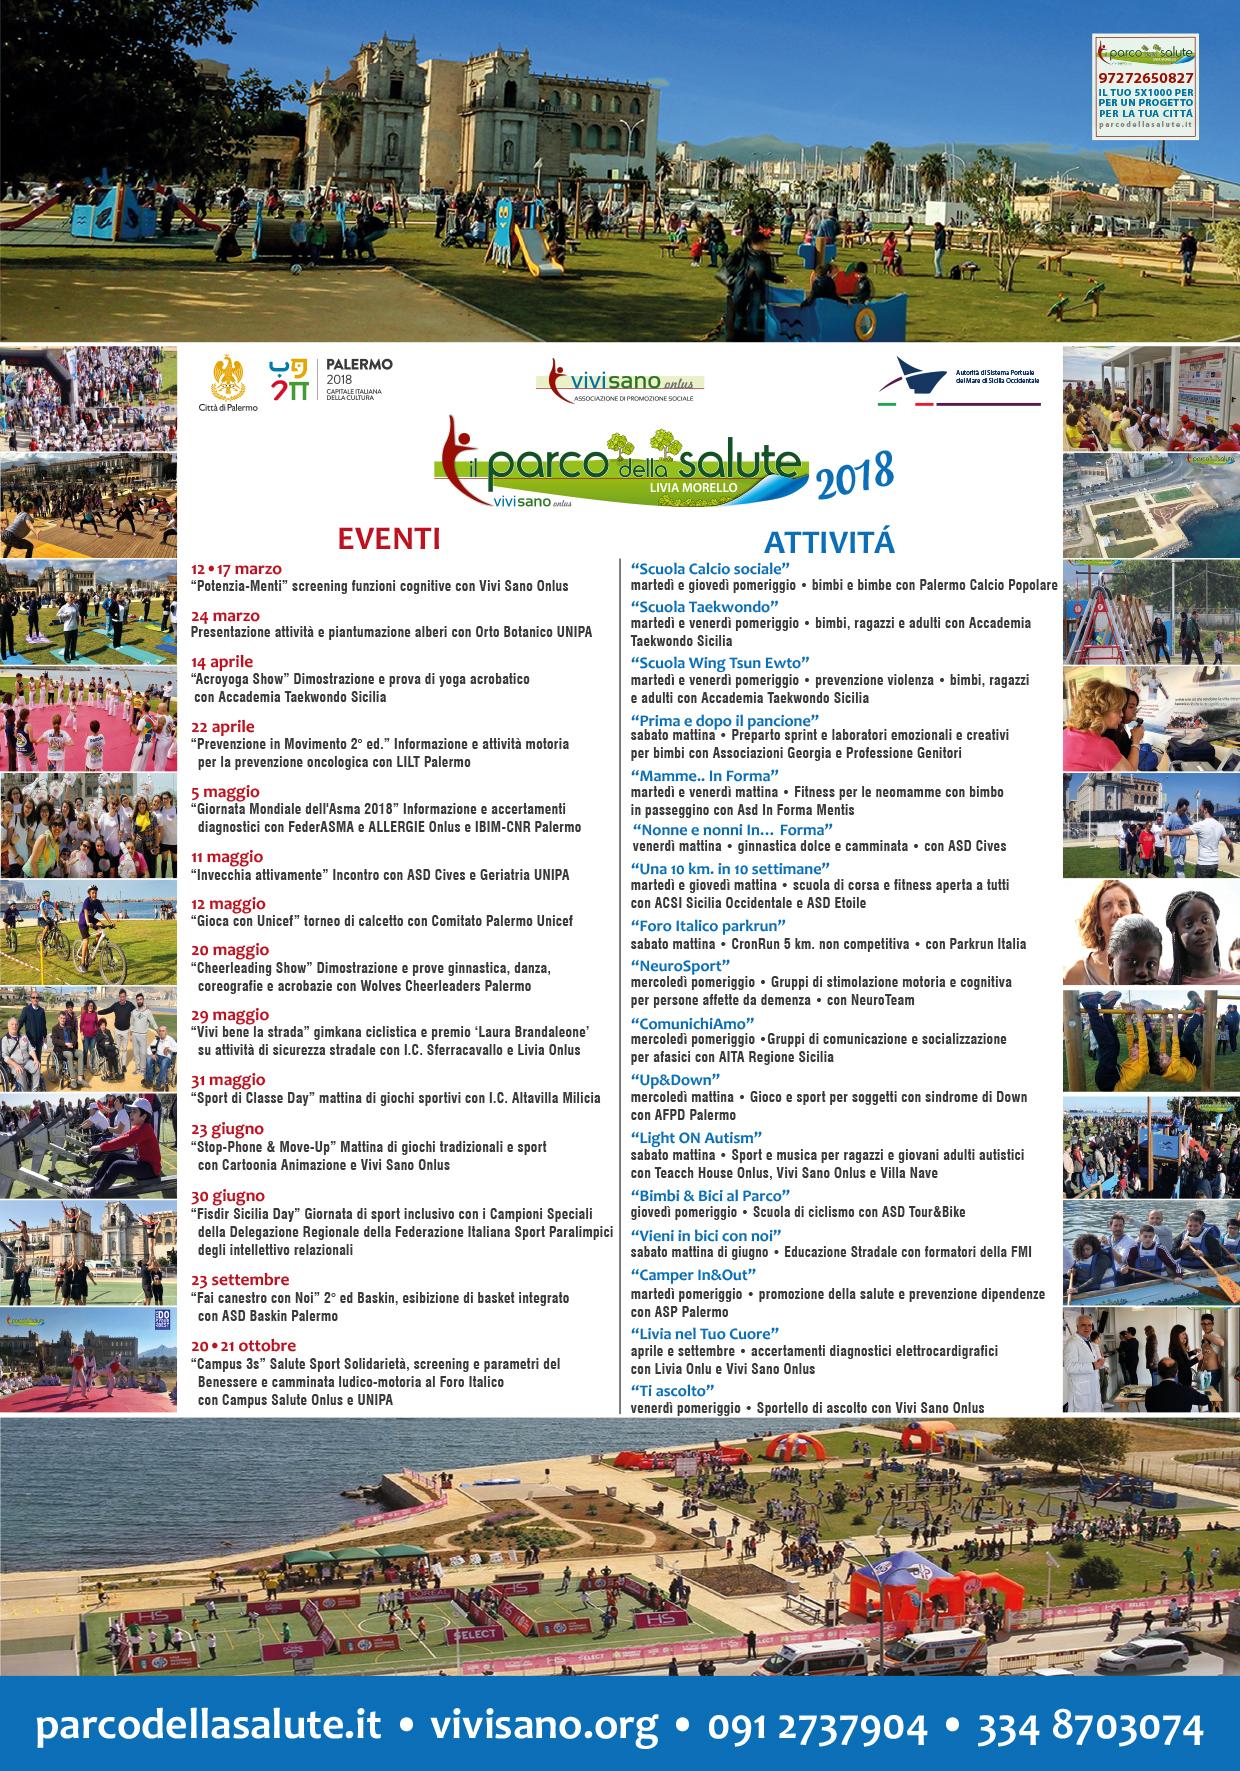 Foto Italico Le Attivita In Programma Nel Parco Della Salute